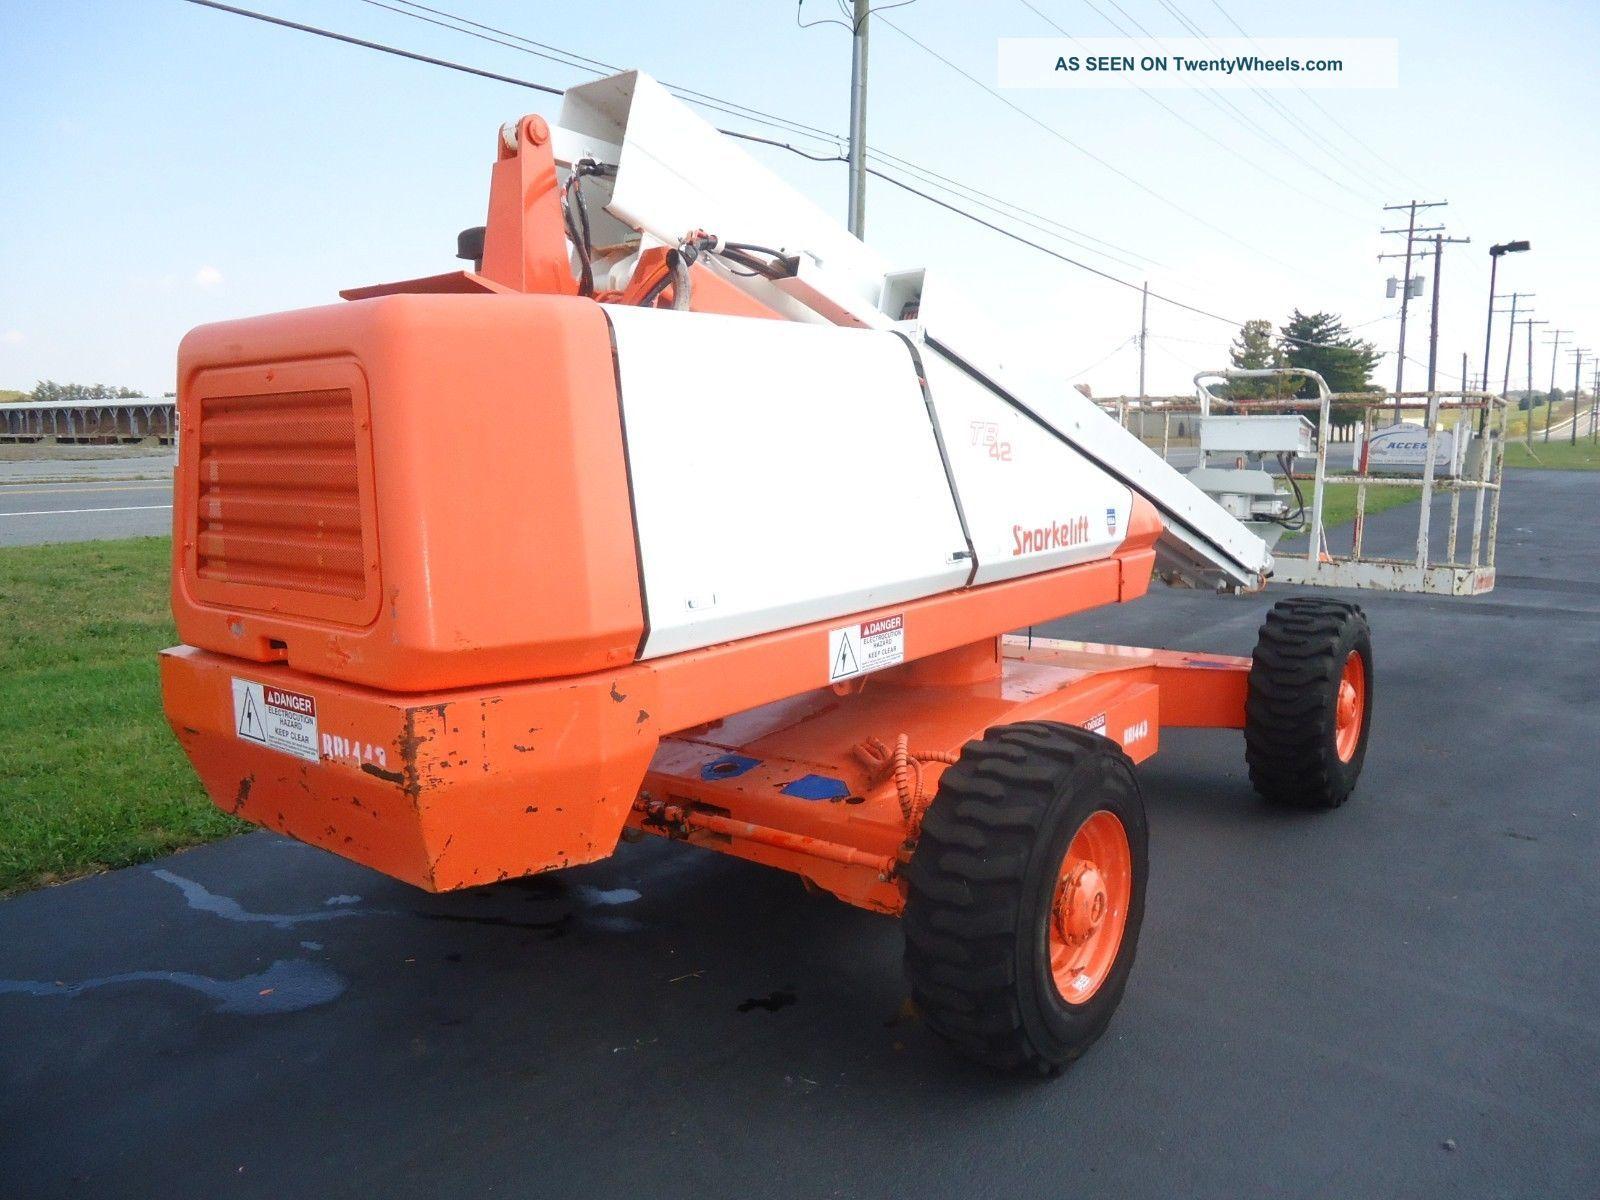 snorkel tb42 boom lift manlift man lift aerial boomlift. Black Bedroom Furniture Sets. Home Design Ideas